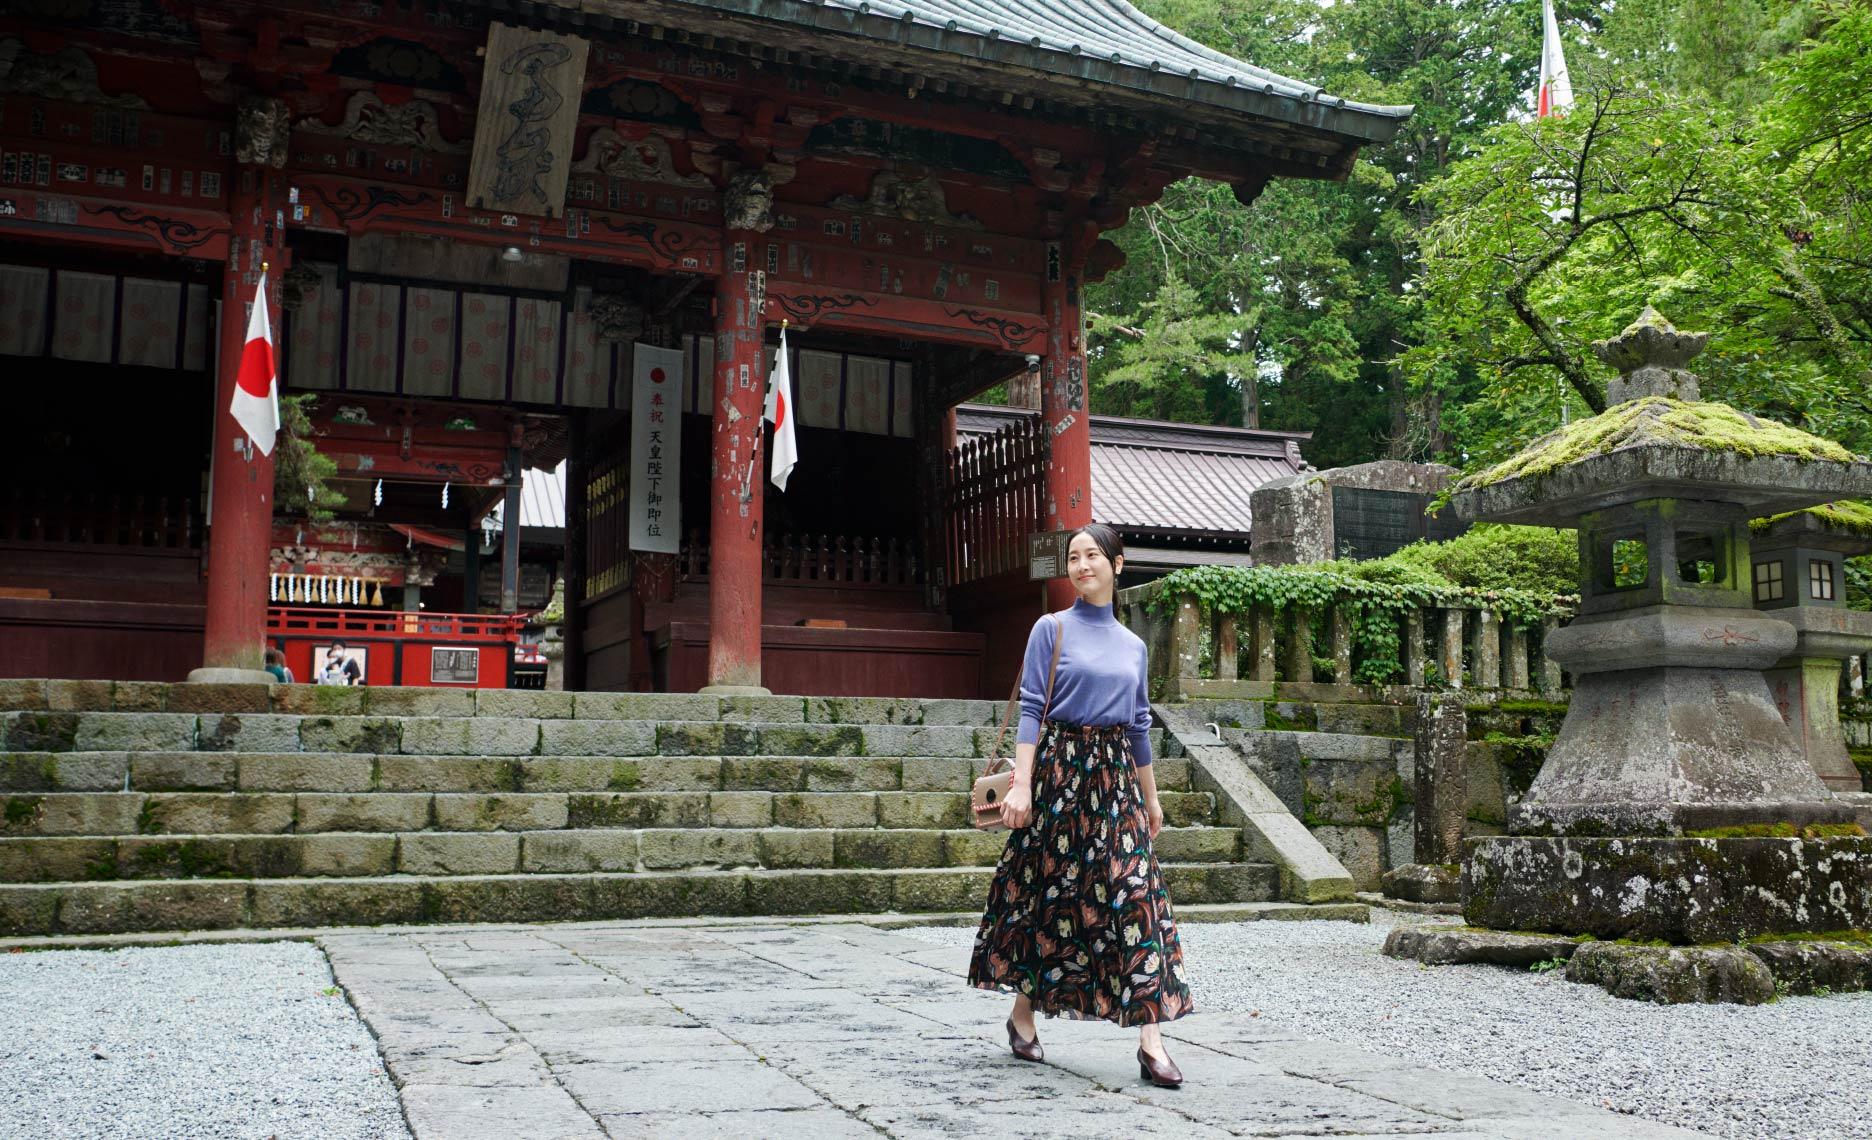 松井玲奈さんがナビゲート 秋を見て、触れて、感じて河口湖でアートトリップ